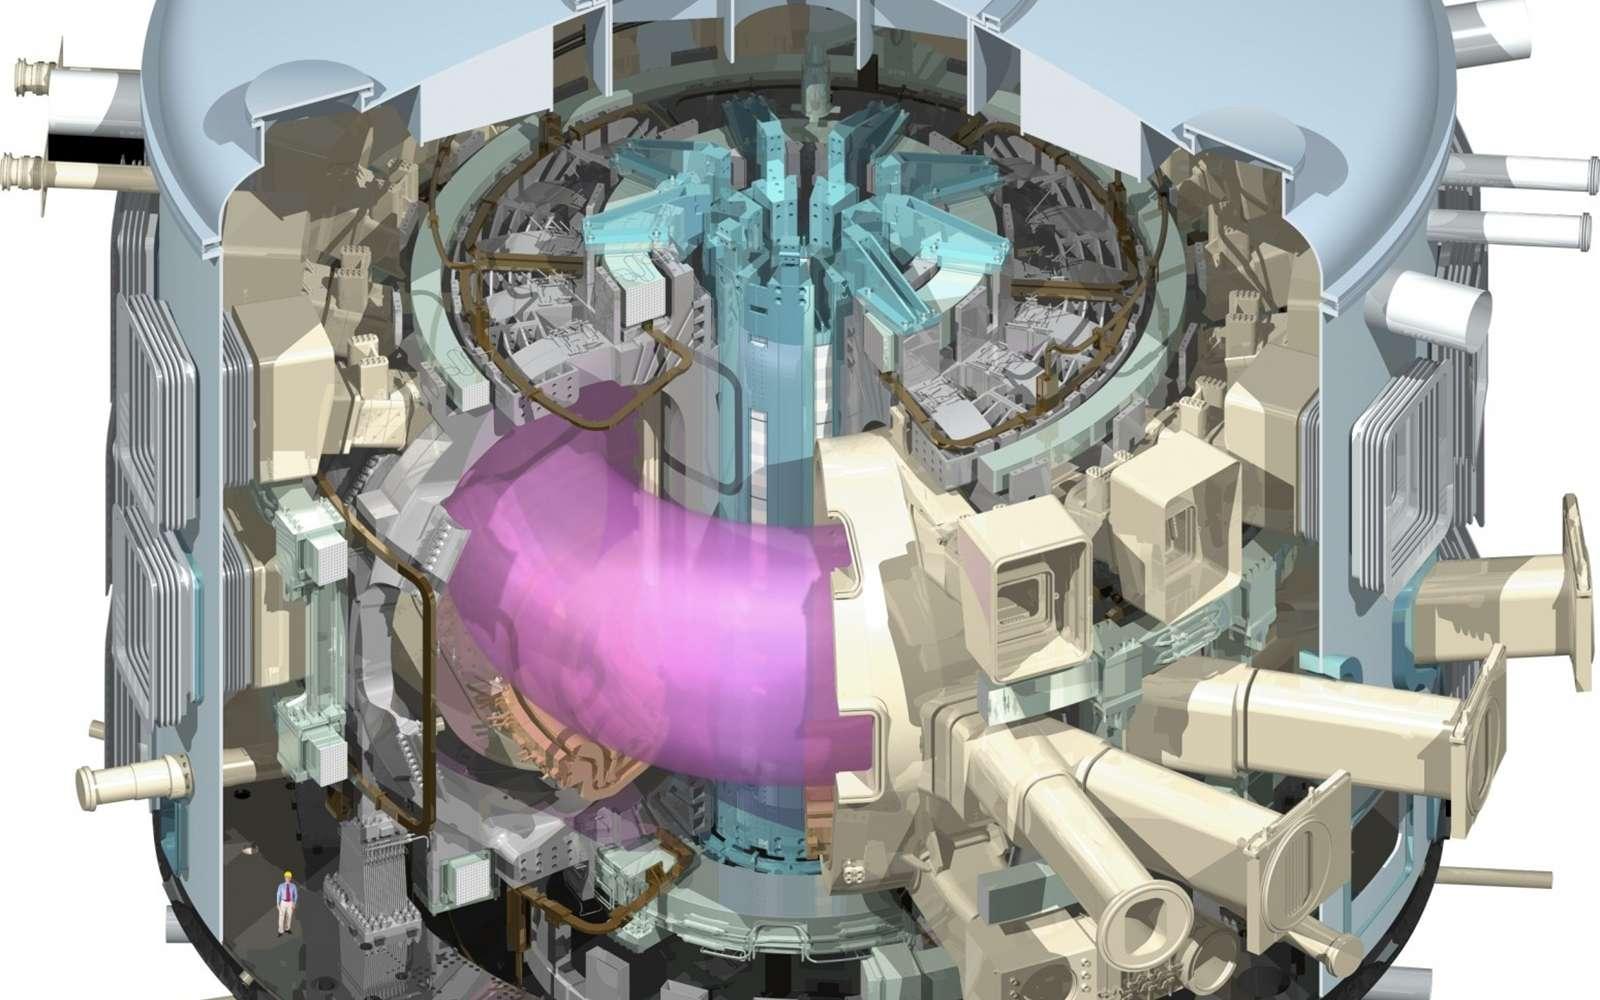 Une coupe du réacteur Iter en fonctionnement avec le plasma chauffé en violet. Crédit : www.iter.org